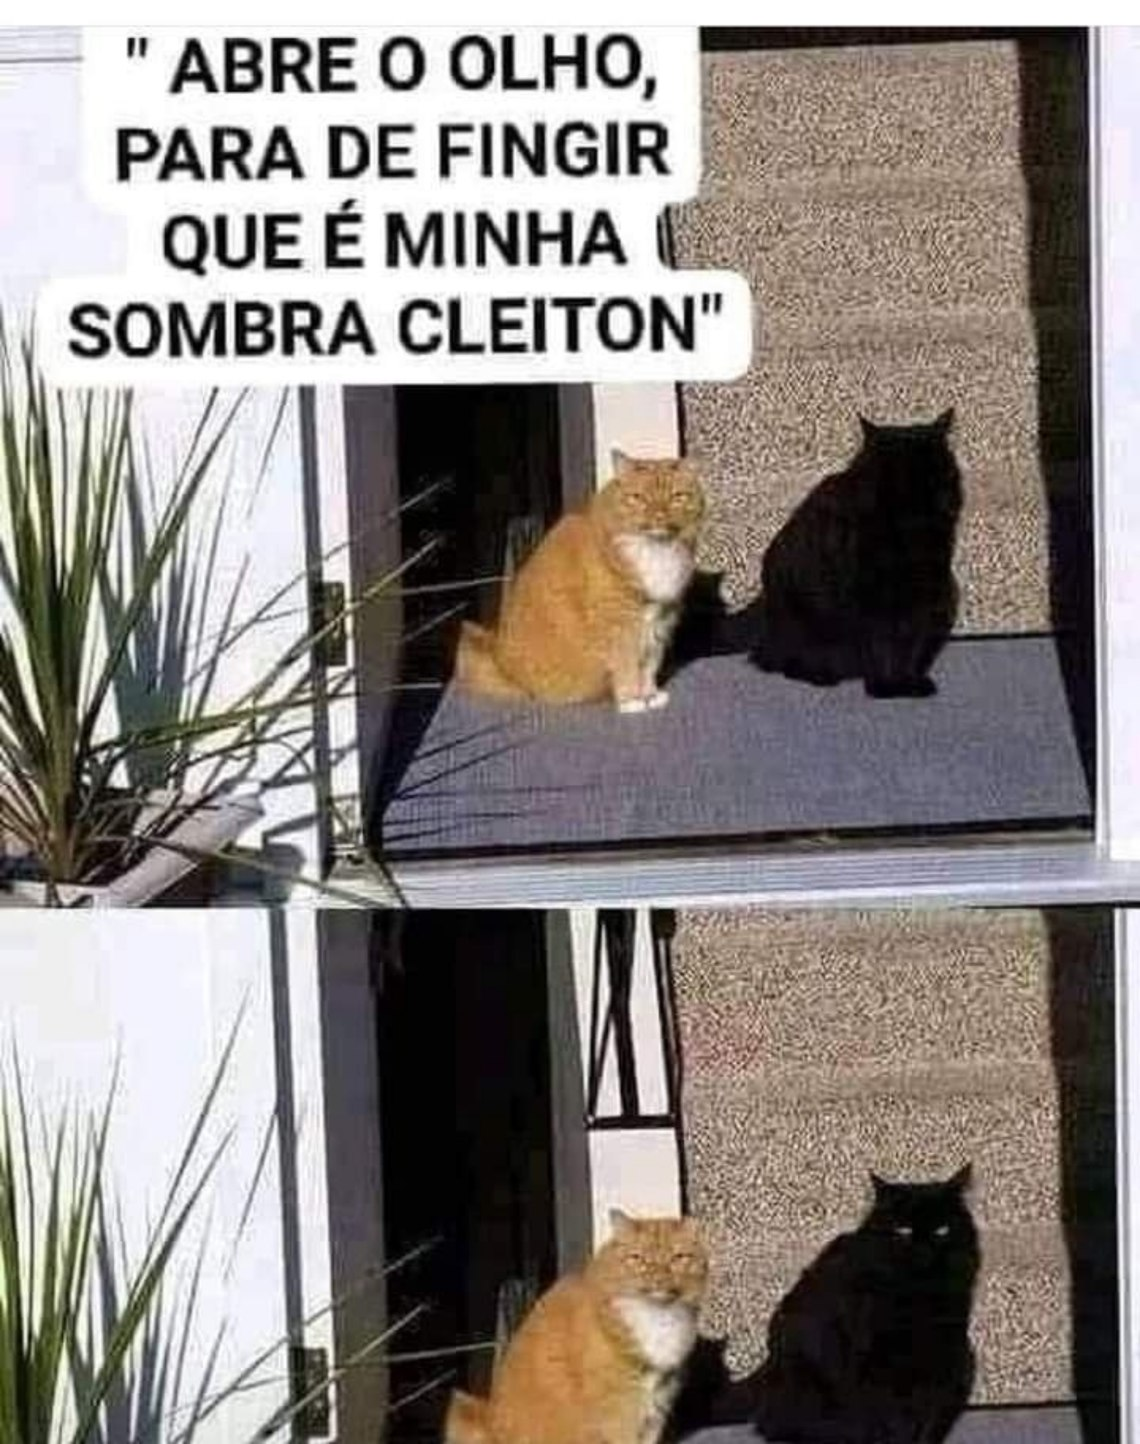 Pior que realmente se parece com a sombra do gato. Kkkk - meme